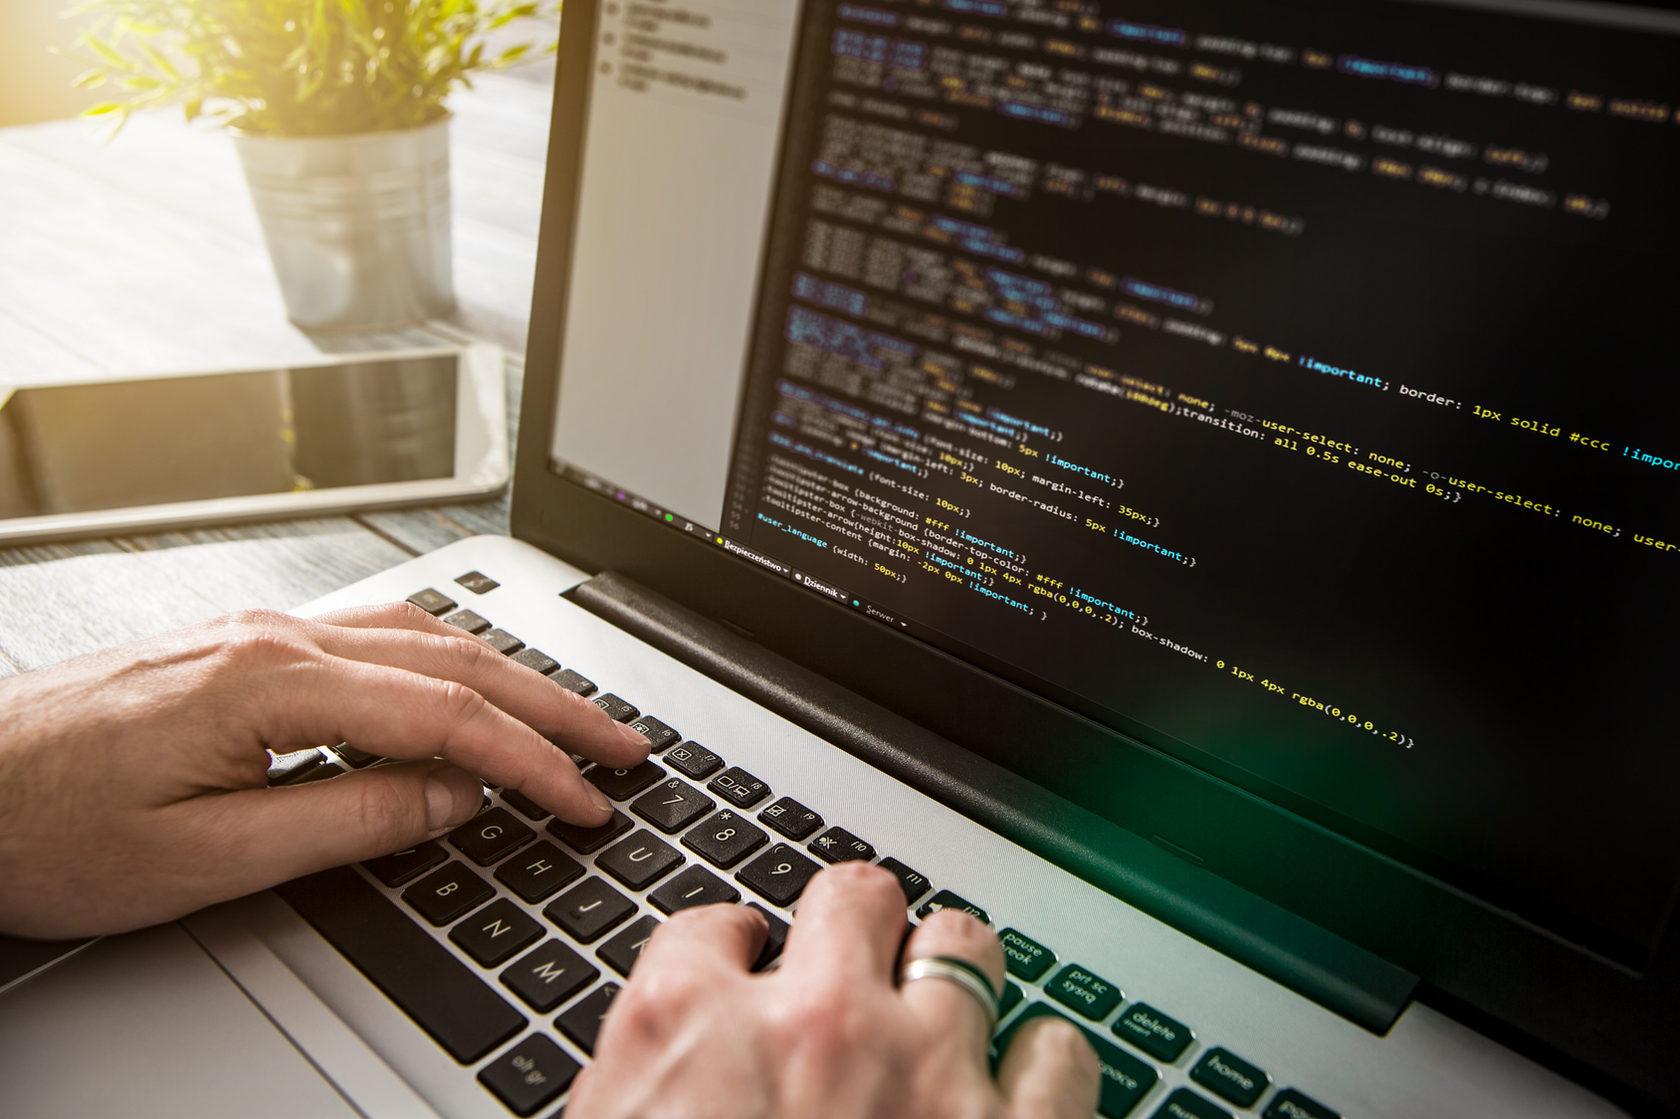 Сайты по фрилансу для программистов заказ на создание сайта фрилансеров